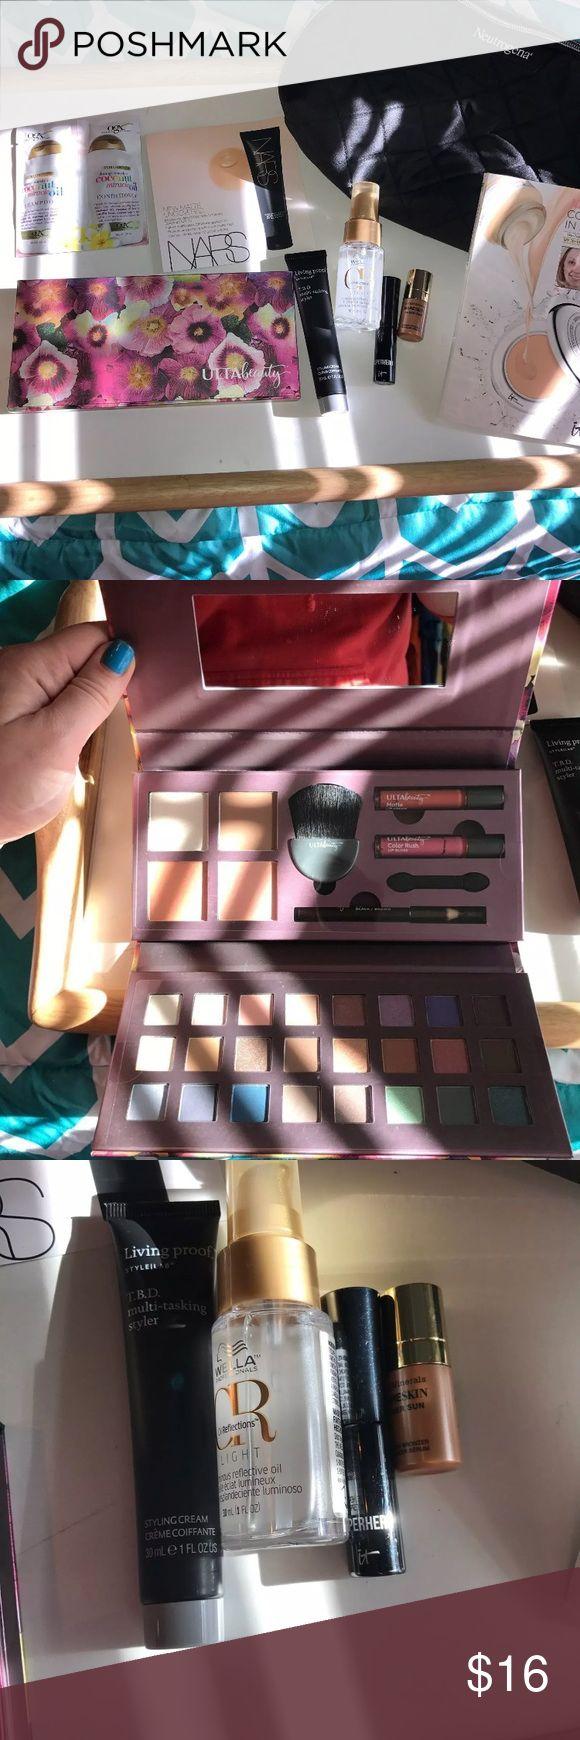 Makeup Bundle 8 highend products and makeup bag. Brands